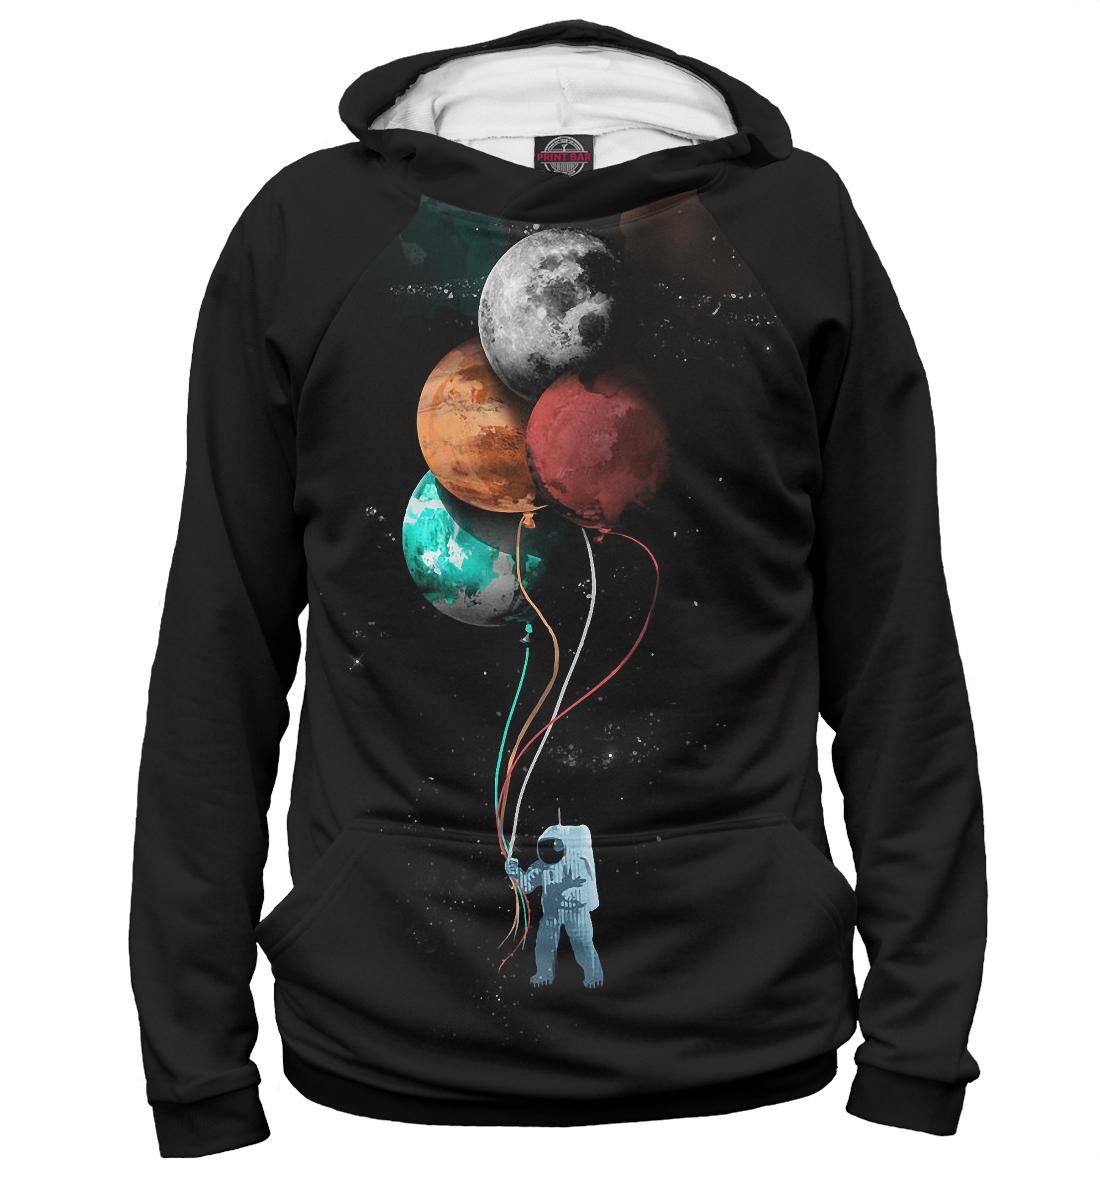 Купить Гуляющий Астронавт, Printbar, Худи, APD-714710-hud-2